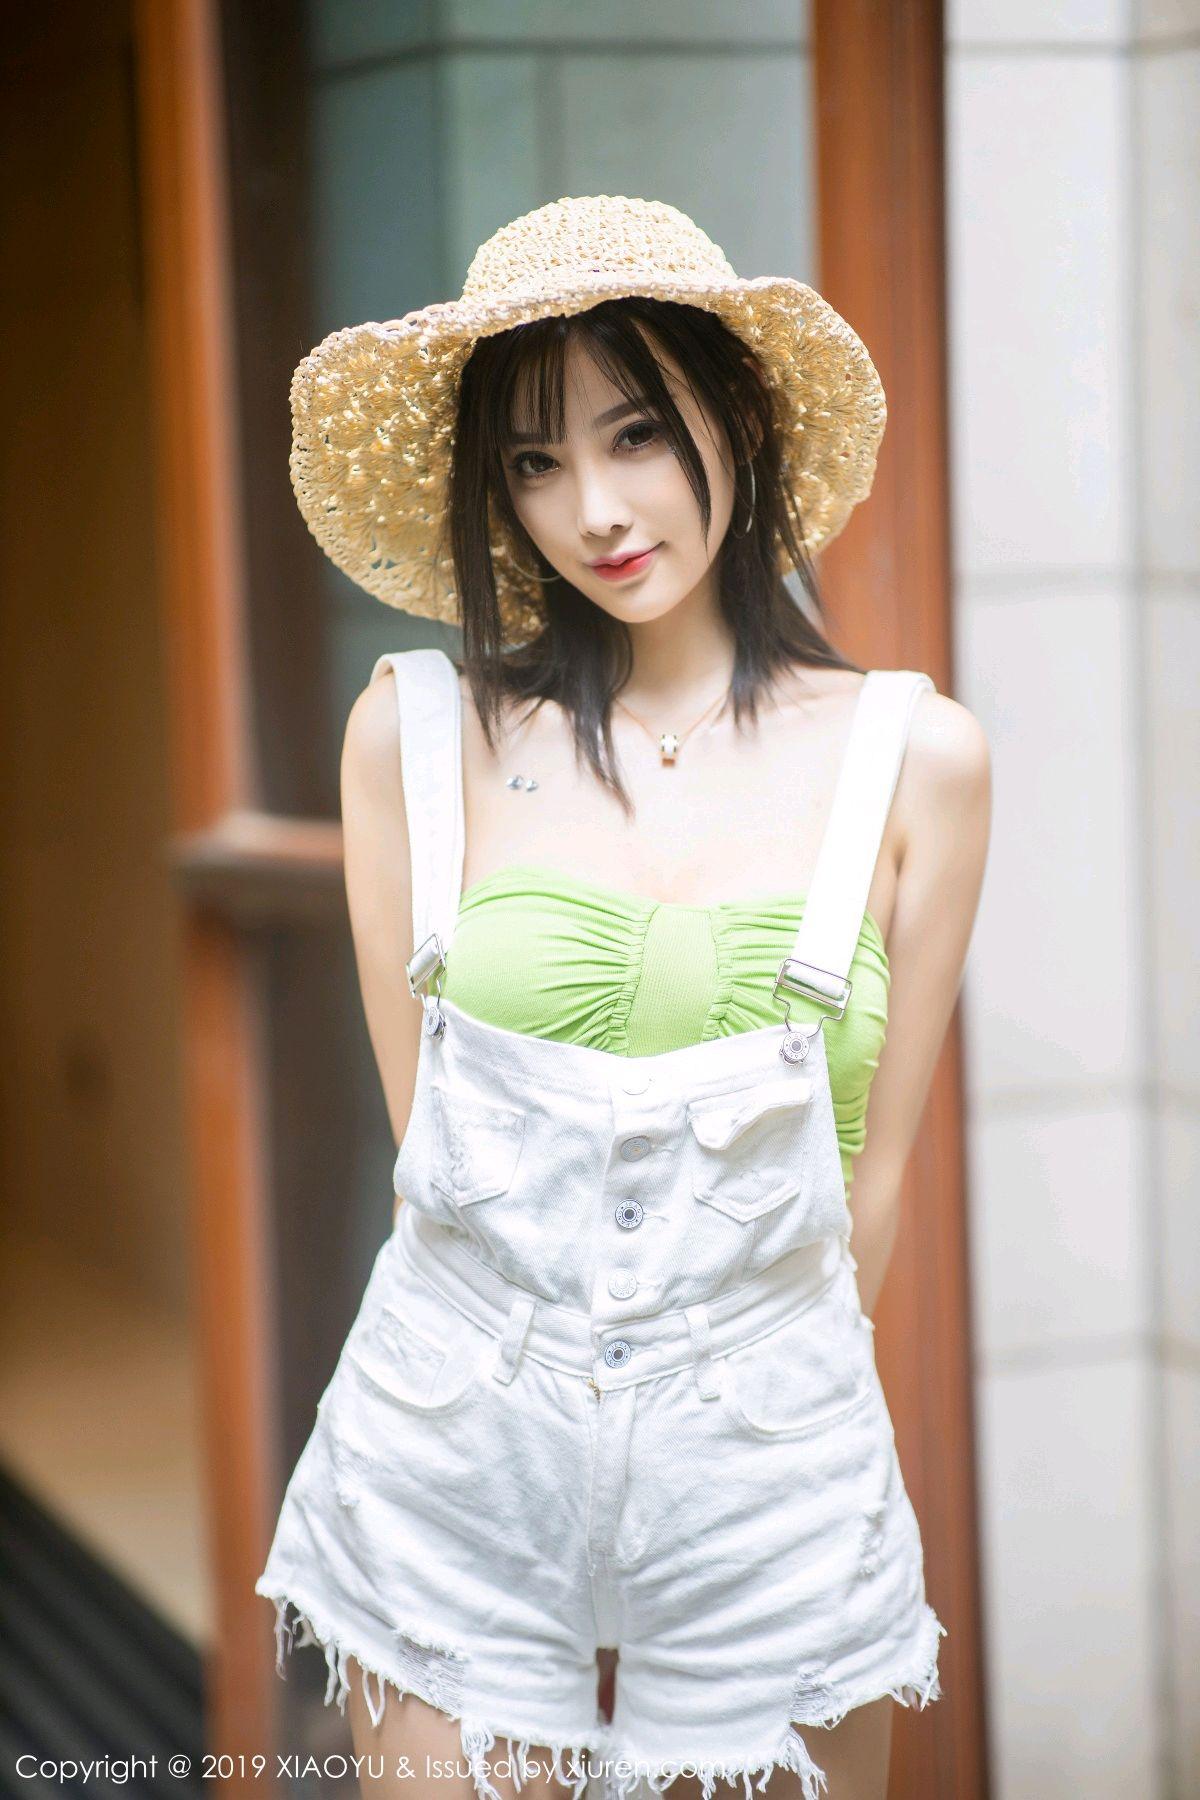 [XiaoYu] VOL.204 Yang Chen Chen 48P, Pure, XiaoYu, Yang Chen Chen